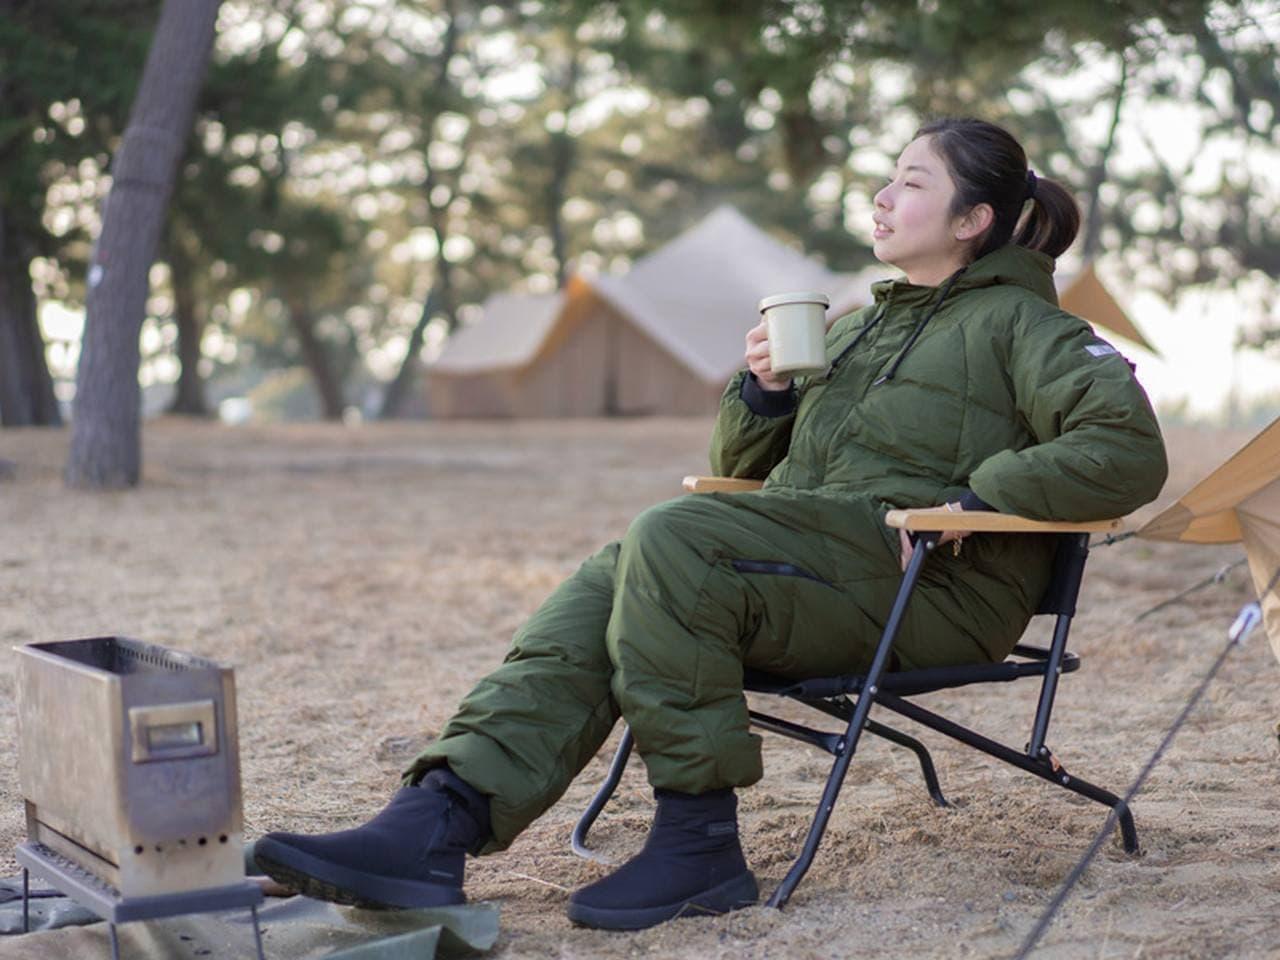 冬キャンに!人型防寒ウェア「ブクロマンX」 寒いキャンプ場のトイレでも脱がずに用を足せる